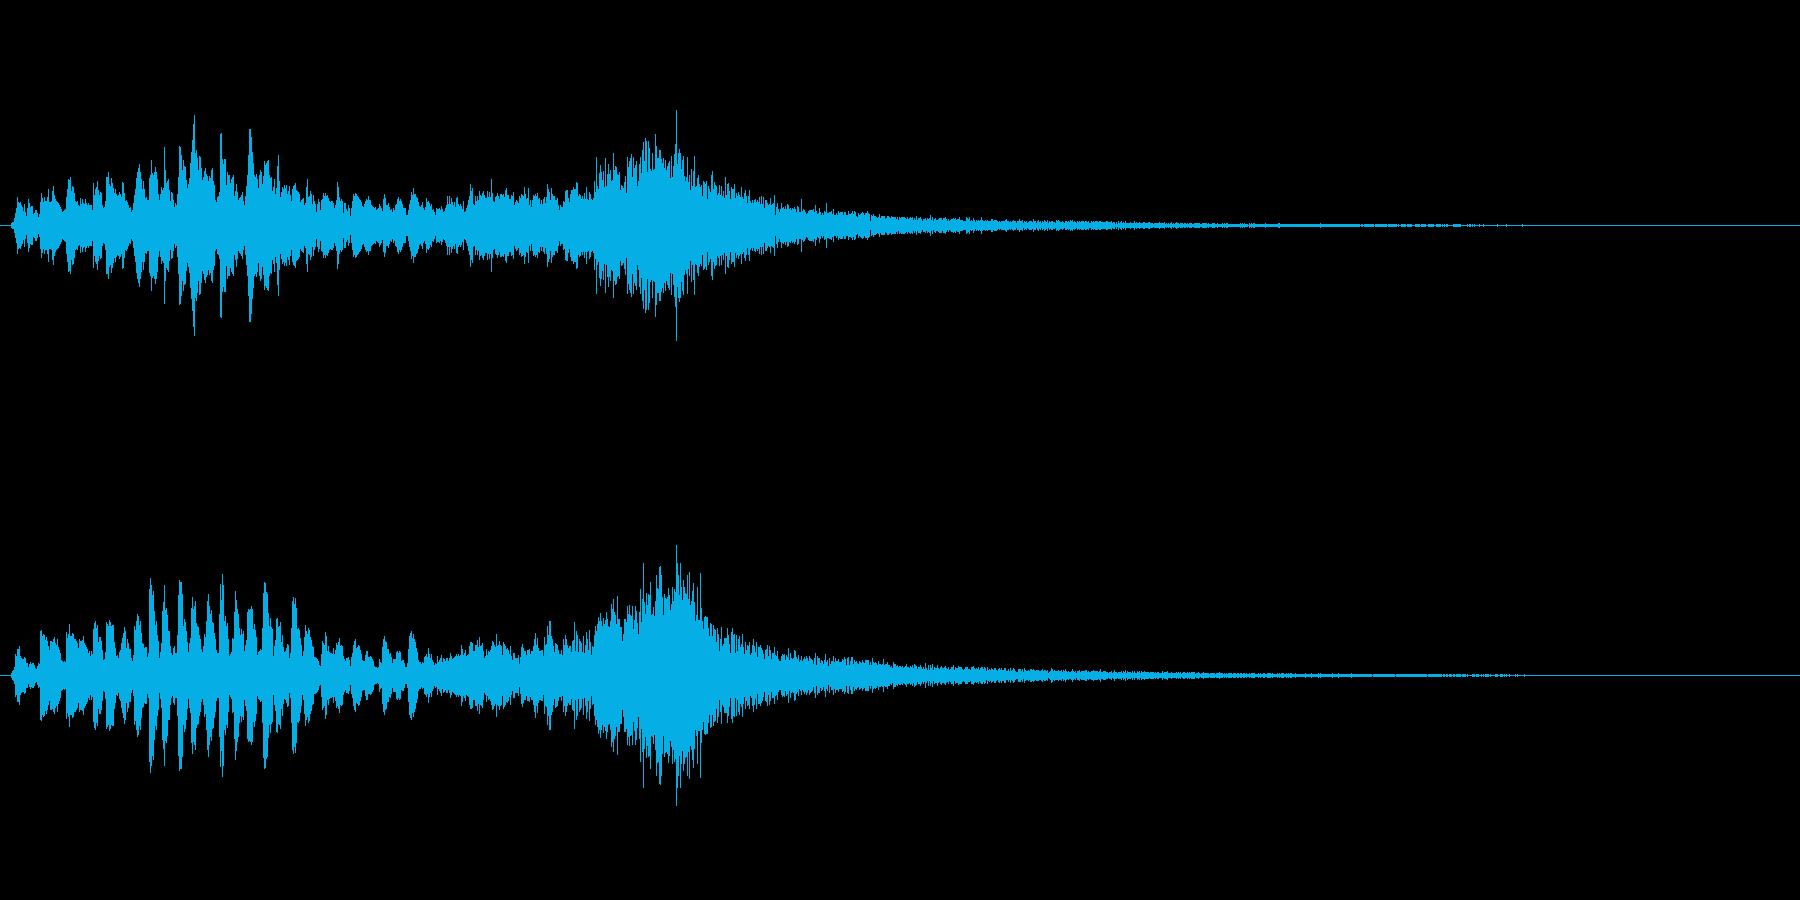 優雅な和風サウンド 琴のトレモロの再生済みの波形